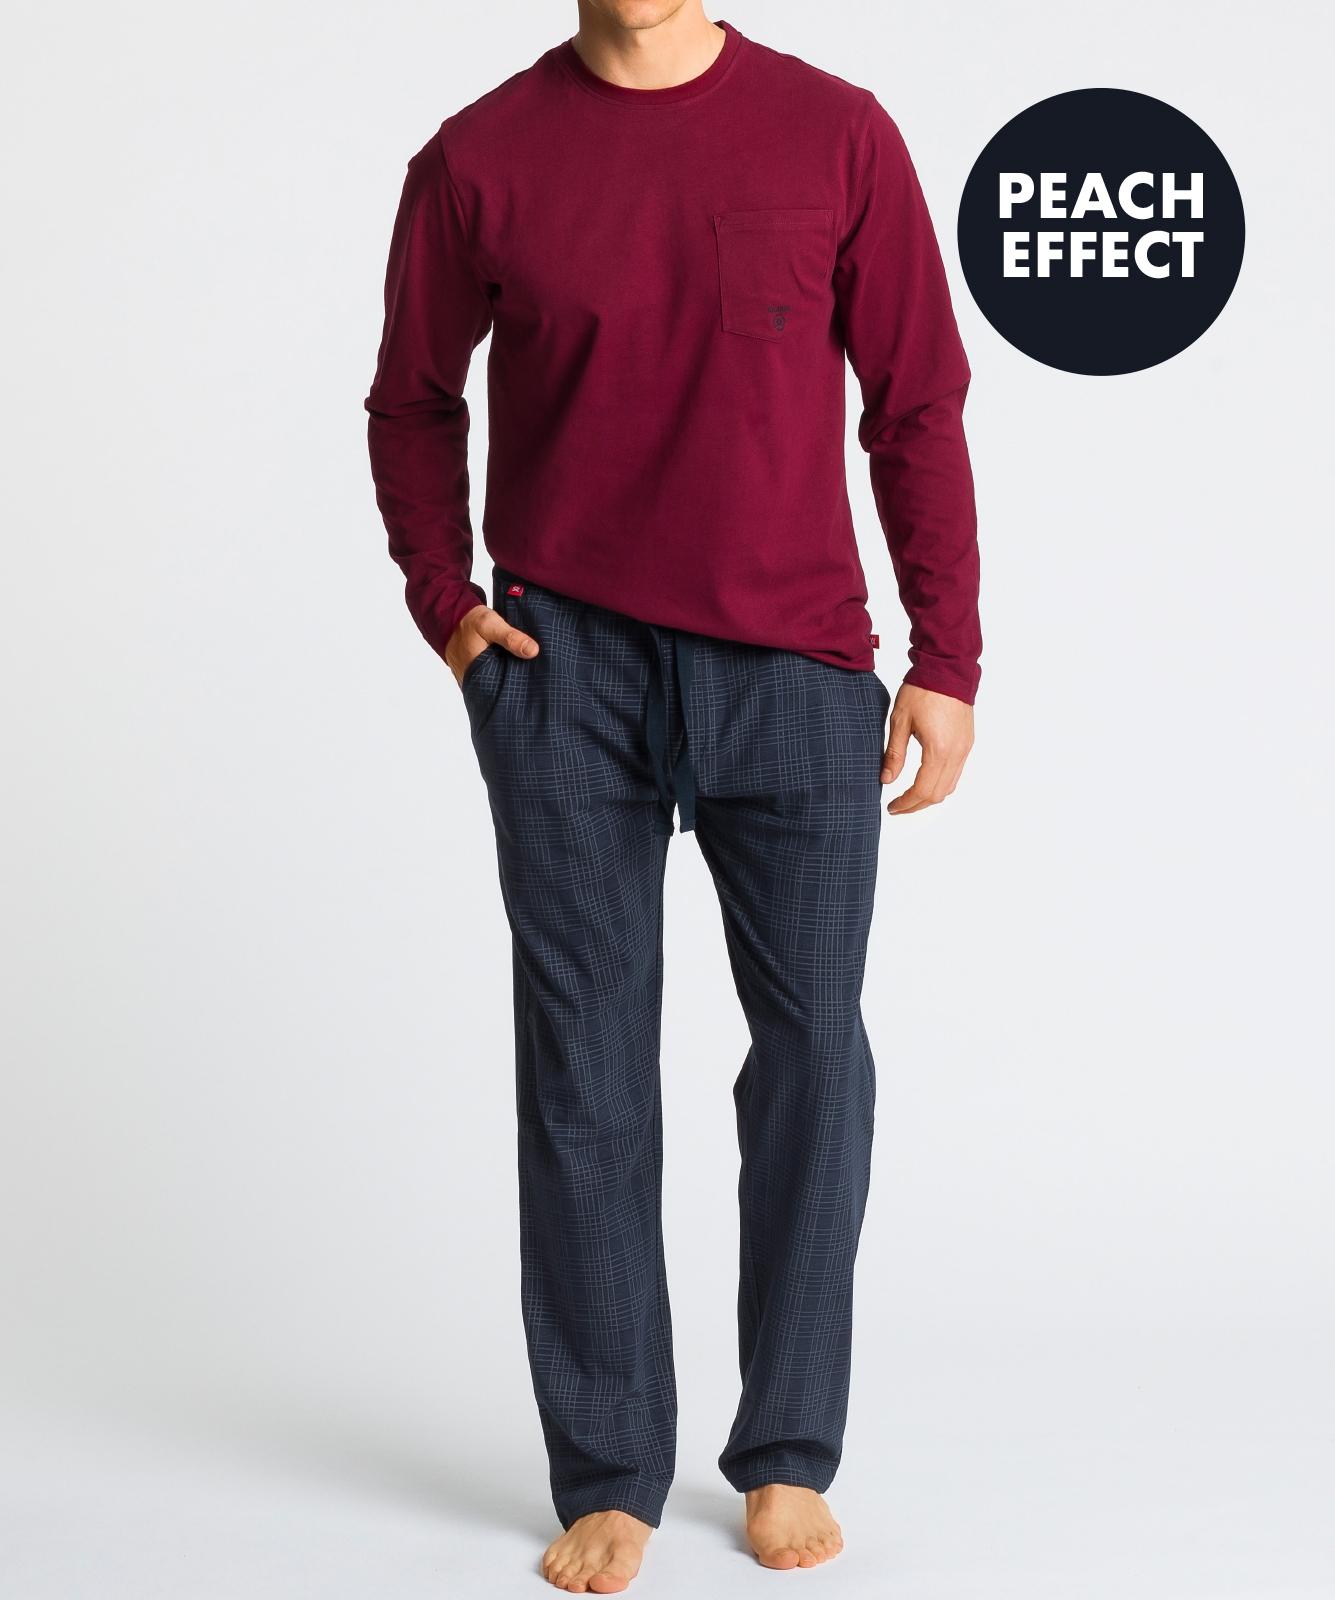 Мужская пижама Atlantic, 1 шт. в уп., хлопок, темно-красная, NMP-349